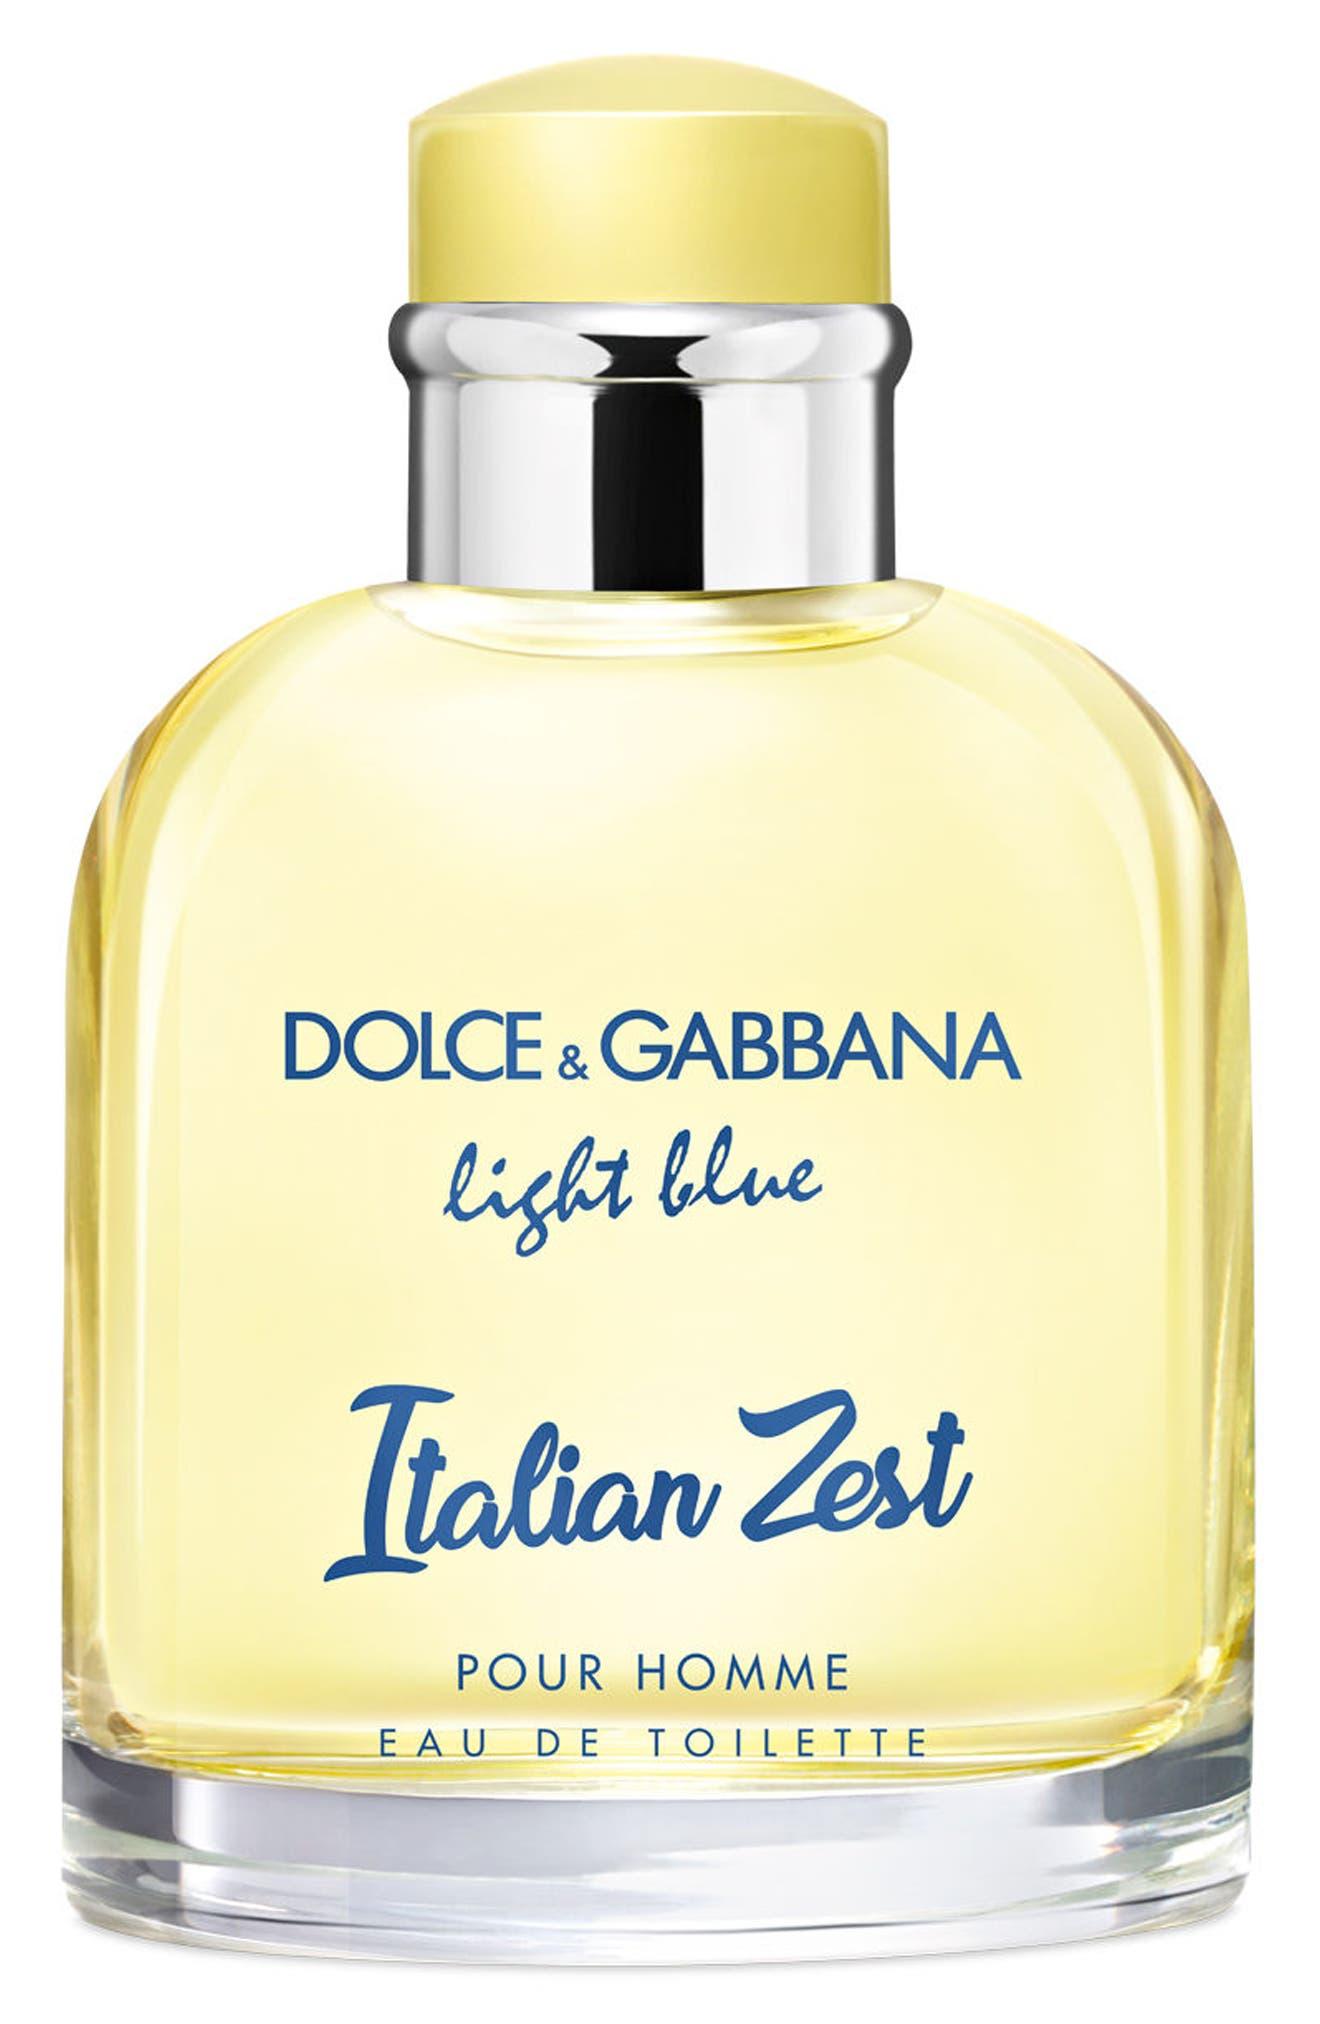 Dolce&Gabbana Light Blue Italian Zest pour Homme Eau de Toilette,                         Main,                         color, 000